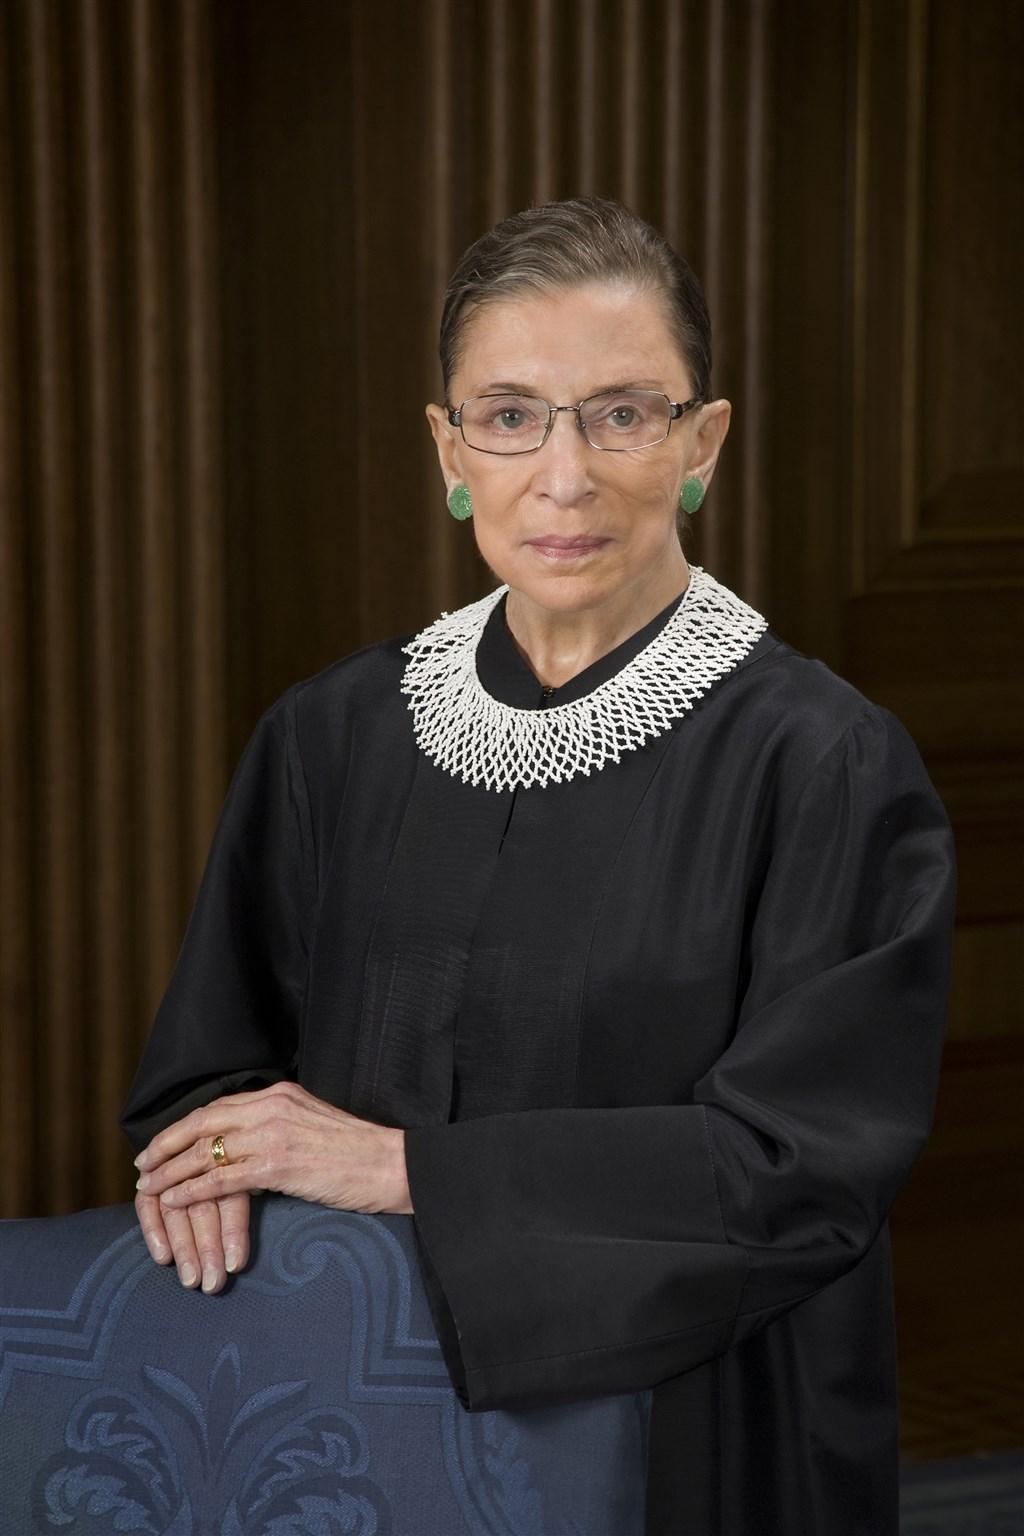 美國最高法院大法官金斯柏格(圖)過世後,紐約州長古莫19日布將在她出生地紐約市布魯克林區豎立雕像。(圖取自維基共享資源;版權屬公有領域)